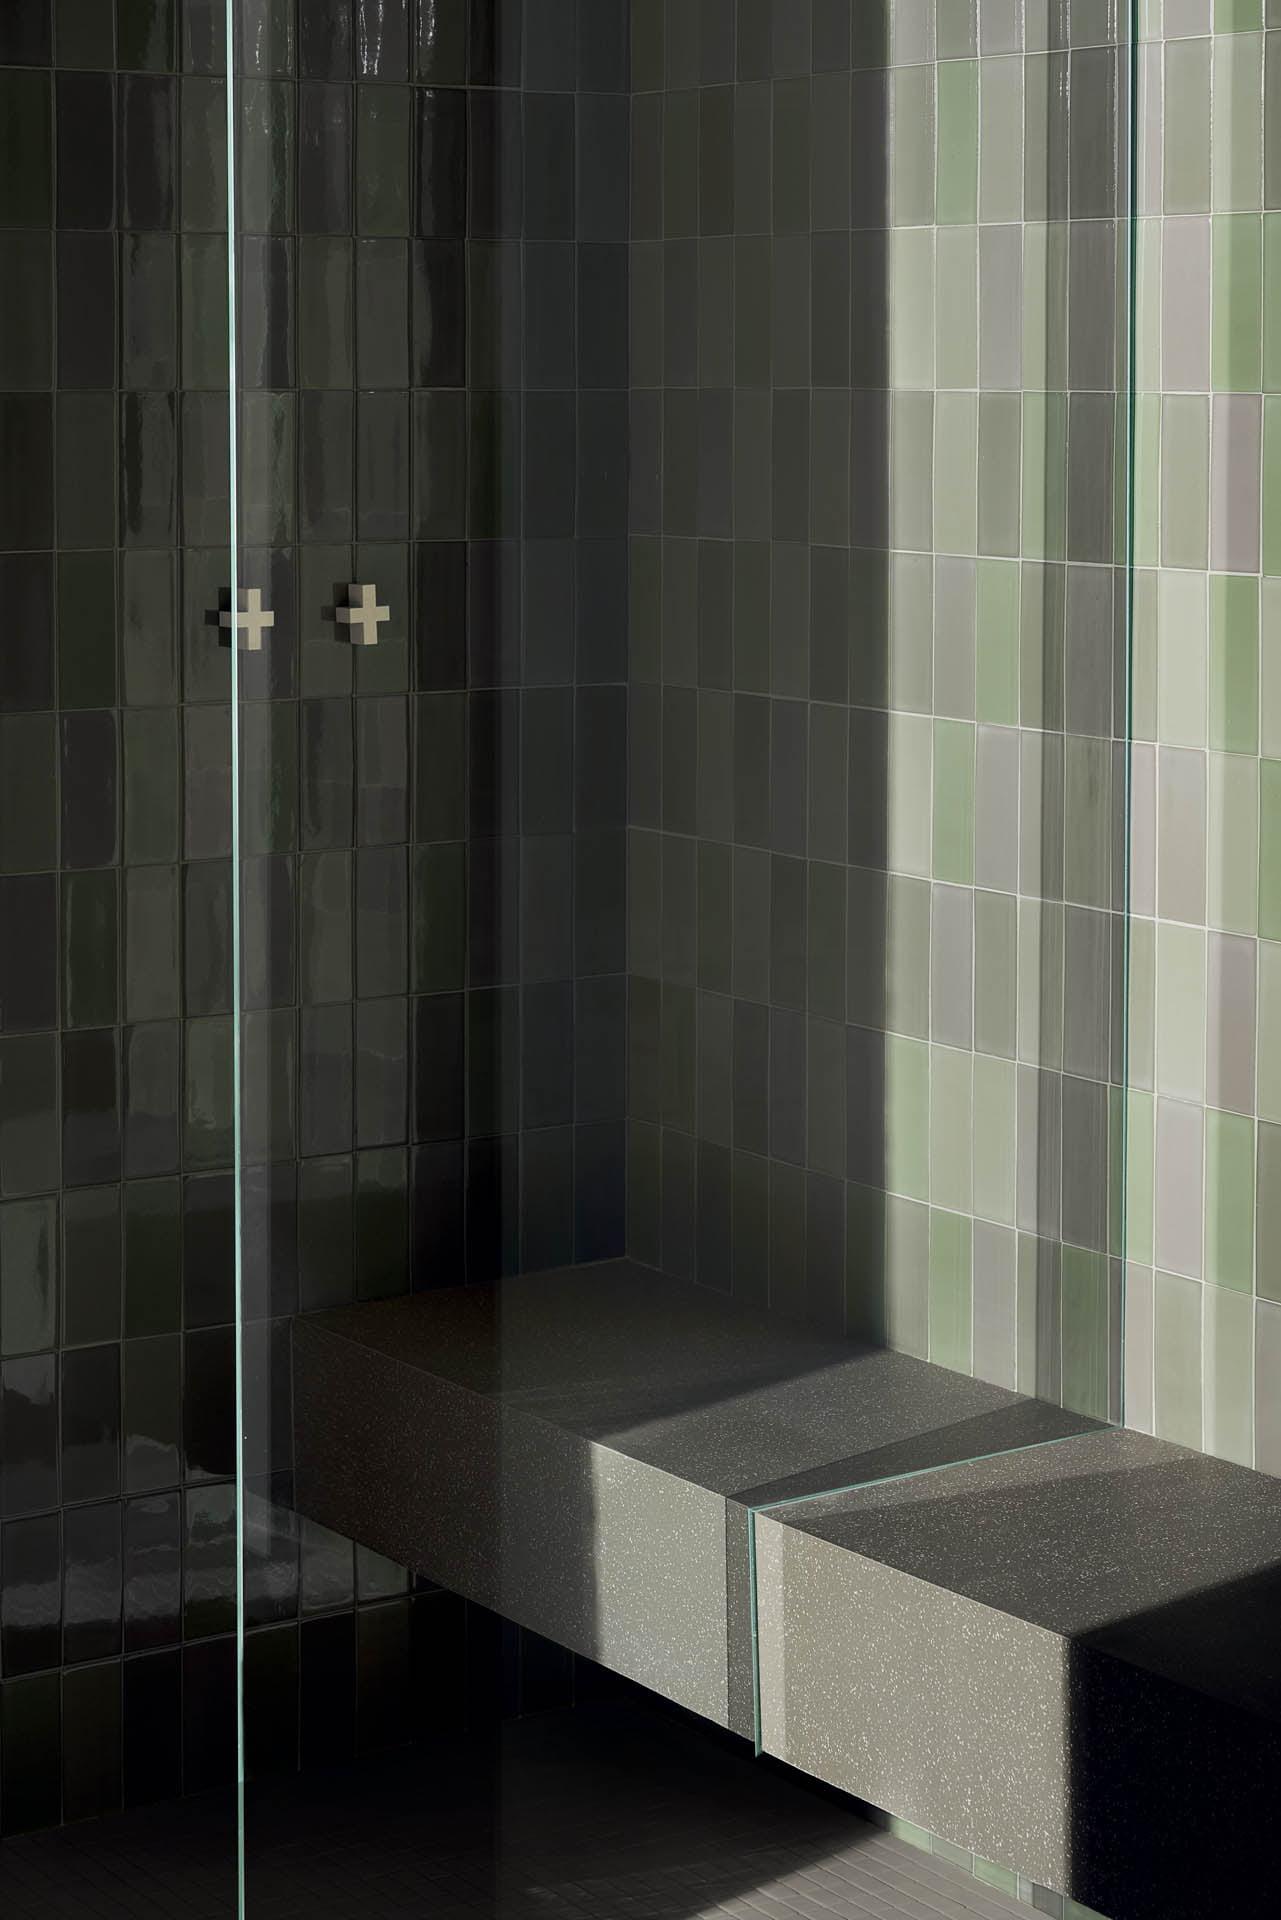 """Wall Brick Lux Verde 6,5x15,5 - Floor Cosmo Verde 80x80 32""""x32""""/ Micro Cosmo Verde 29,5x29,5 12""""x12"""" Bench Cosmo Verde 80x80 32""""x32"""""""